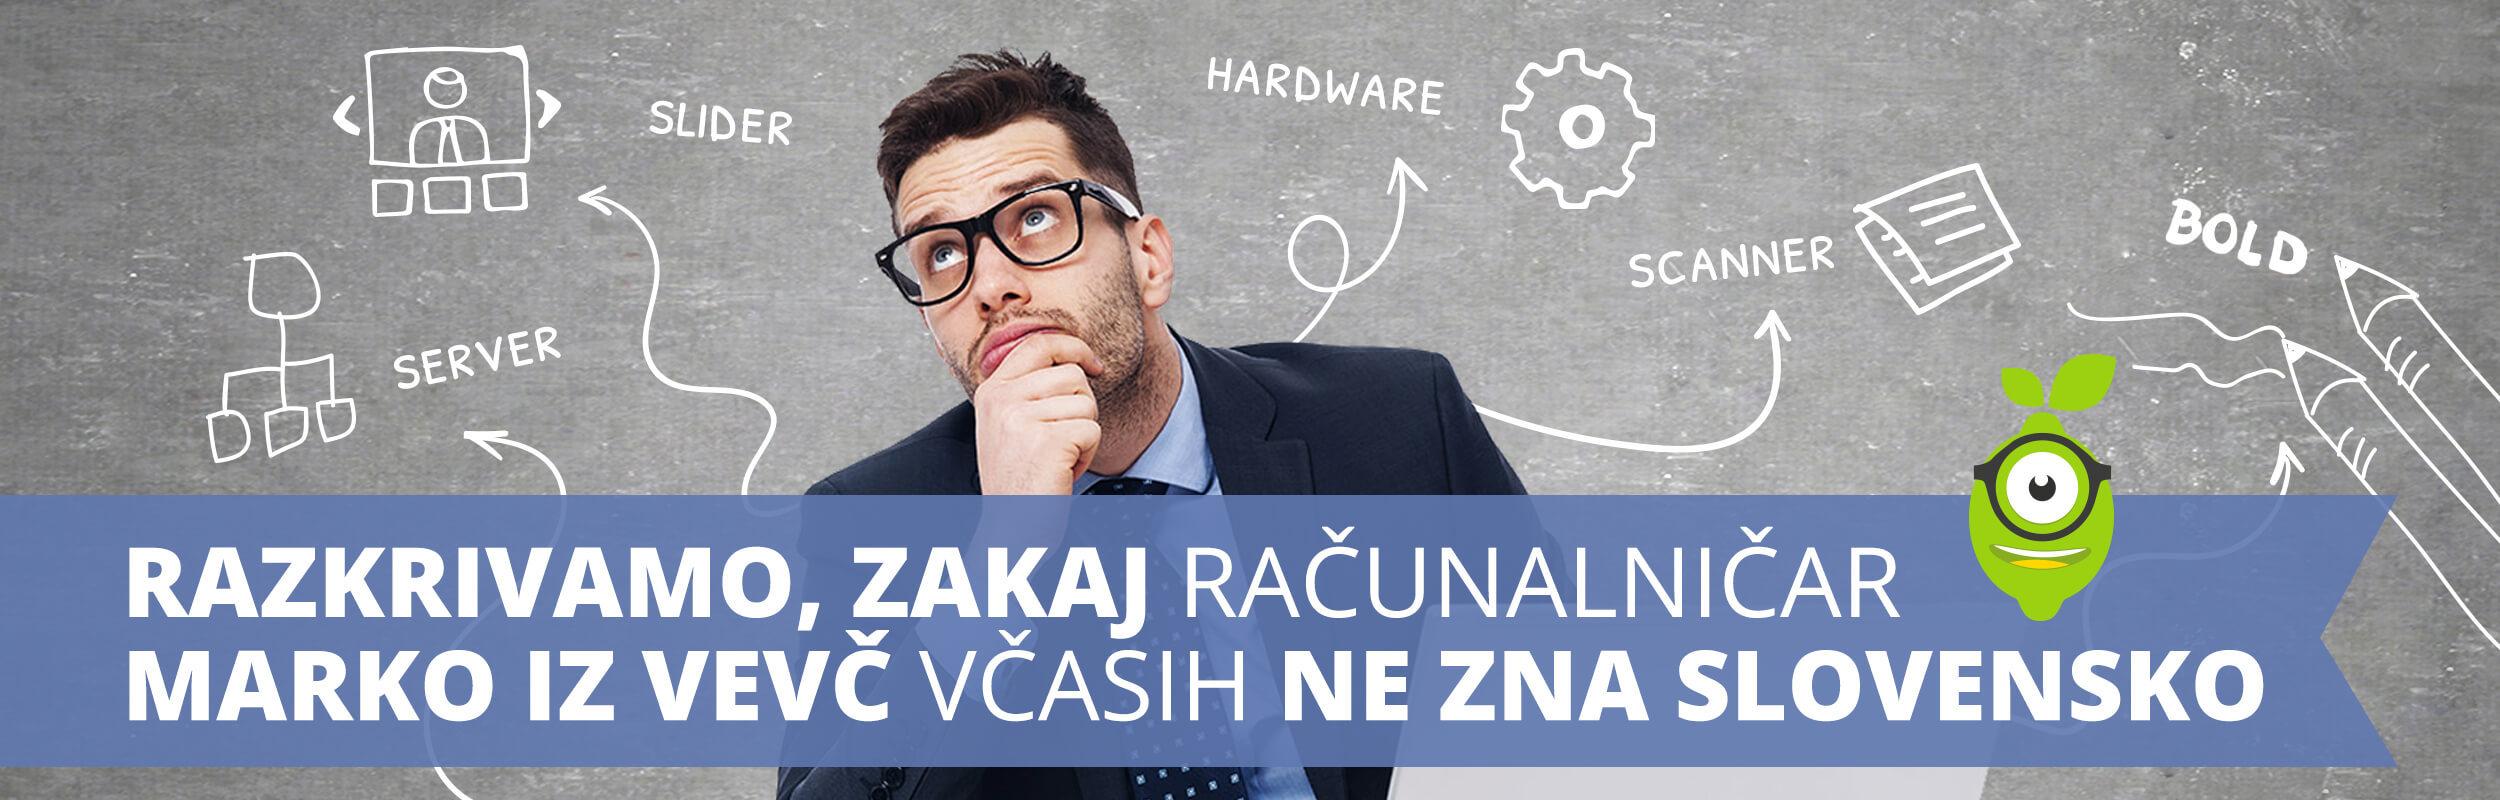 Računalniški izrazi v slovenščini oz. ali računalničar Marko iz Vevč res ne razume slovensko?